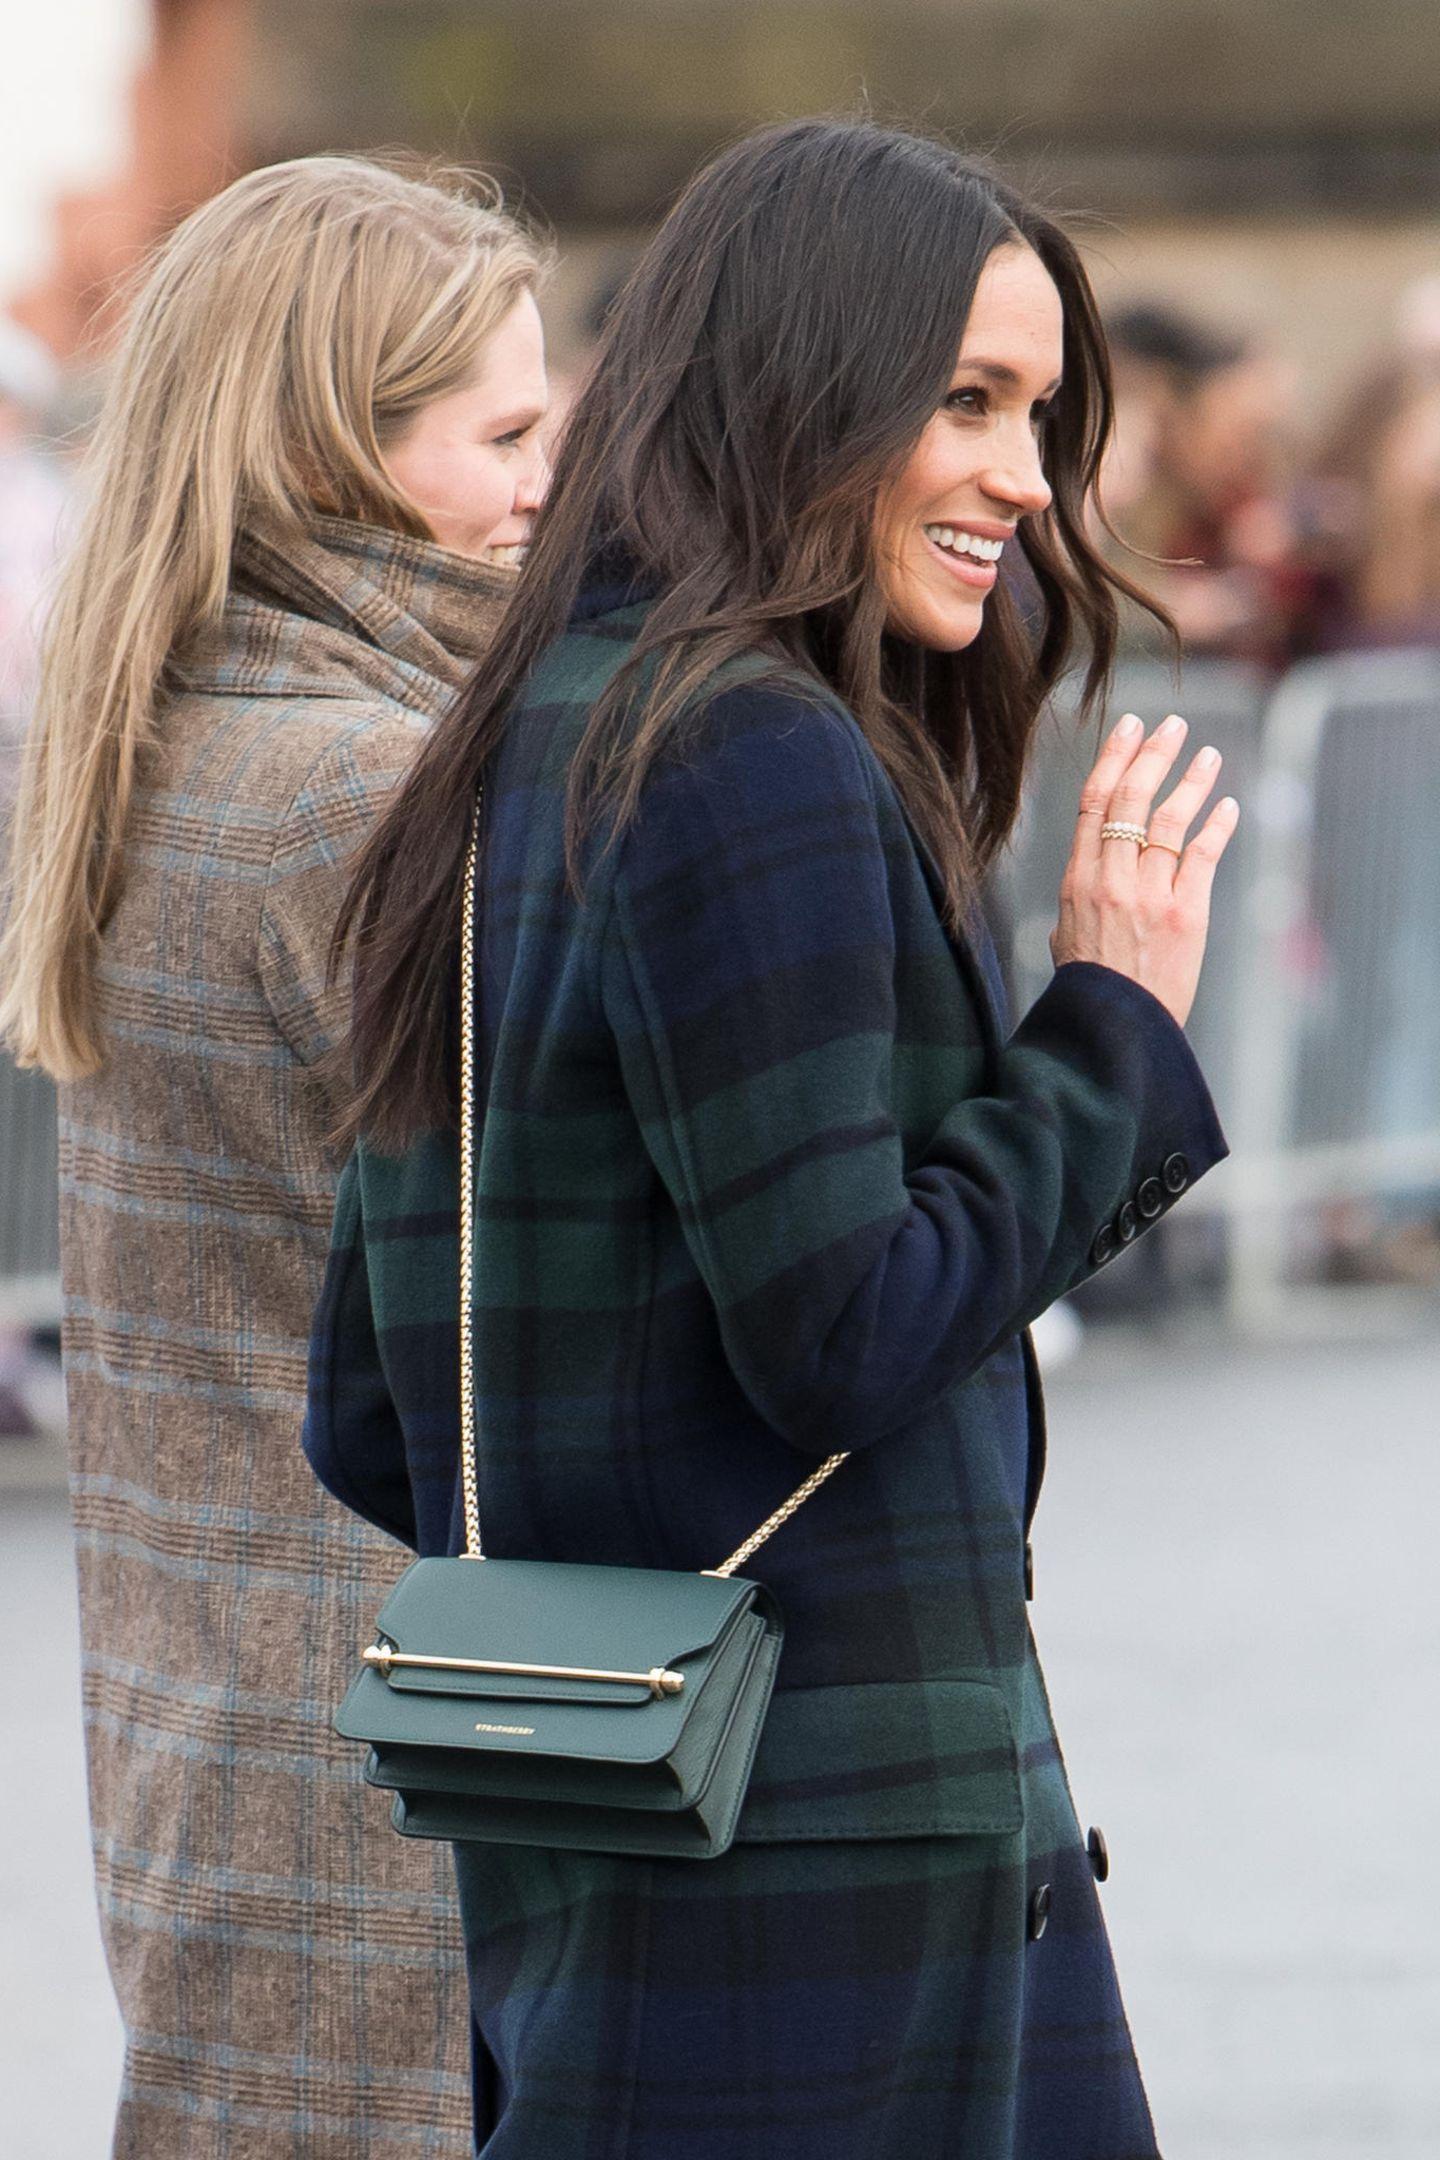 Huch! Herzogin Meghan wählte im Februar 2018 ebenfalls einen blau-karierten Mantel für ihren ersten offiziellen Besuch in Edinburgh. Außerdem kombinierte auch die Schwägerin von Herzogin Catherine eine kleine, grüne Tasche zu ihrem Look. Zufall? Wahrscheinlich nicht...